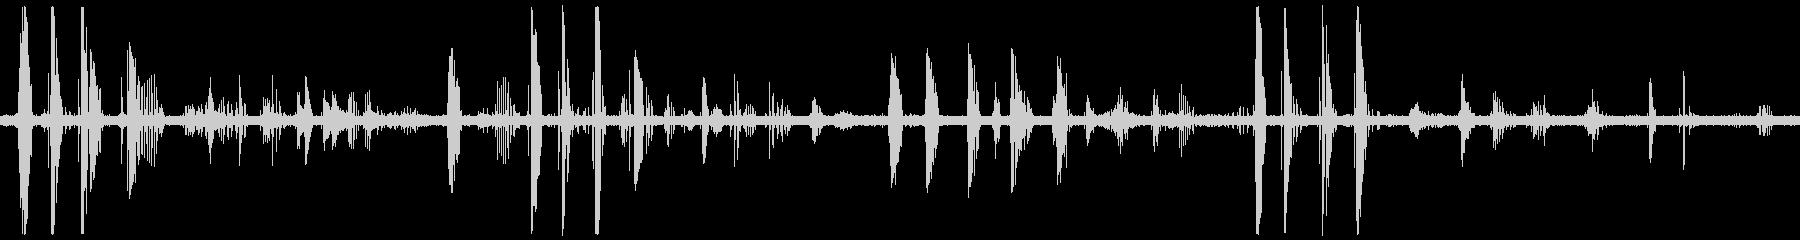 タゴガエルの鳴き声の未再生の波形